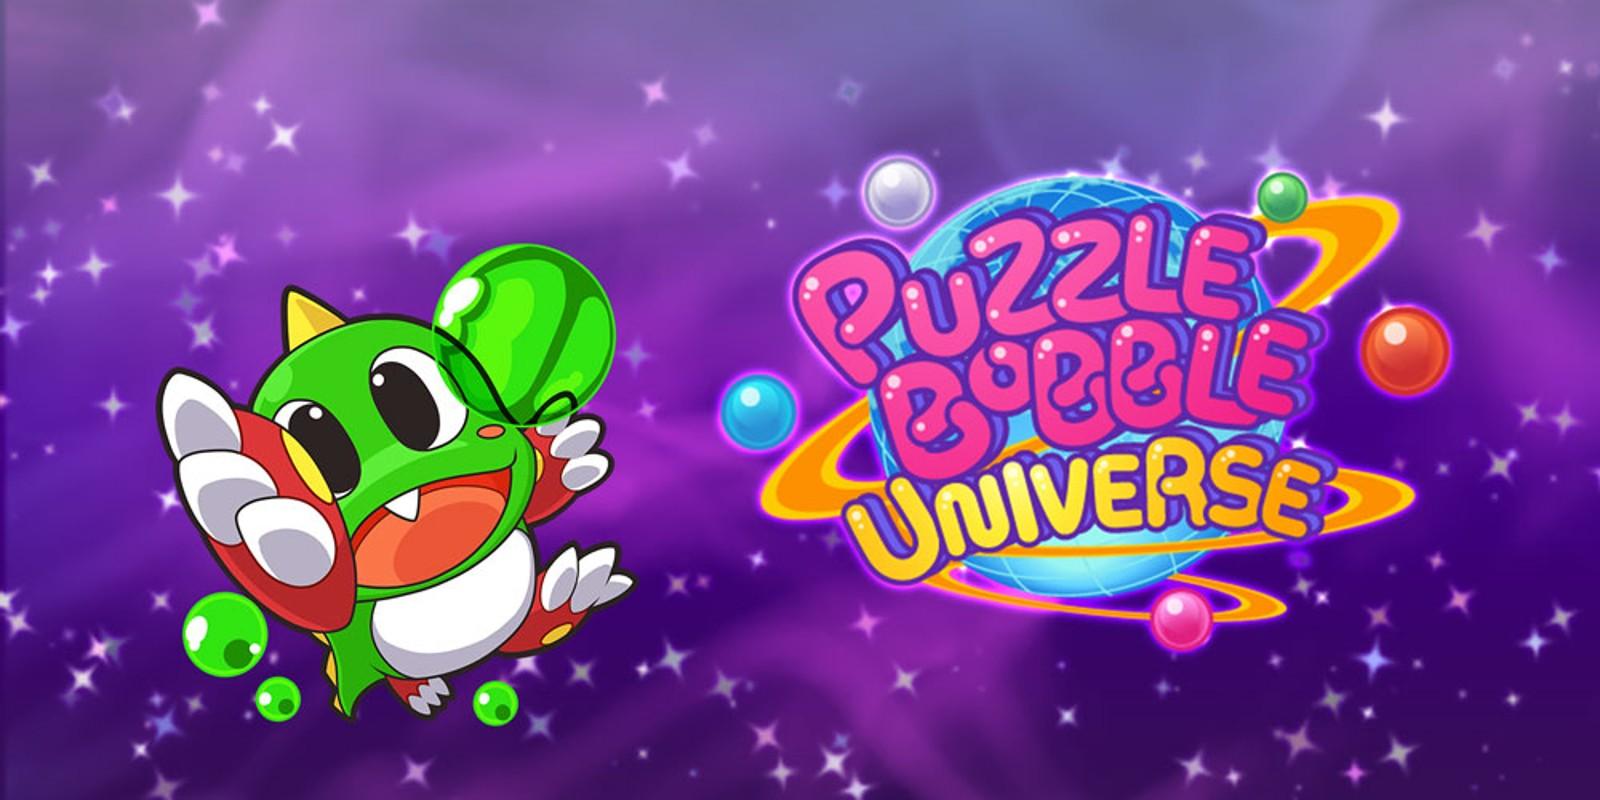 Puzzle Bobble Universe Nintendo 3ds Games Nintendo